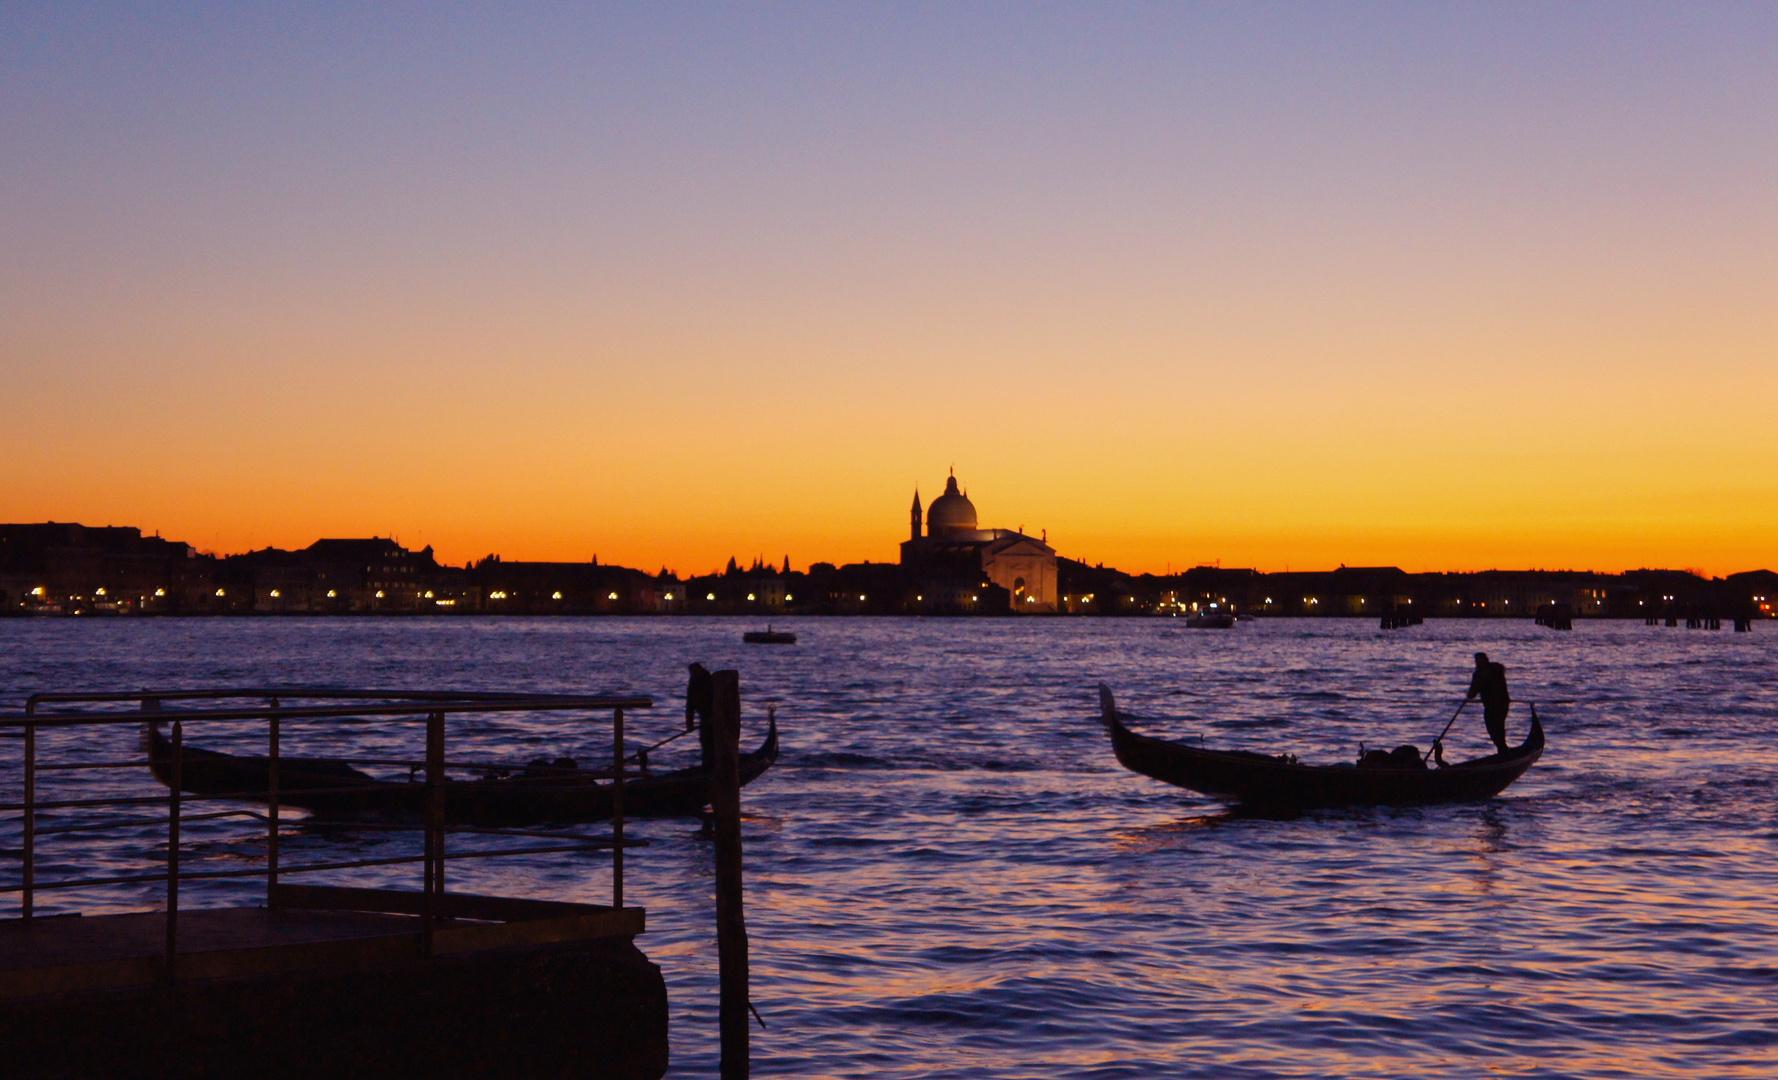 Couleurs de Venise - Un soir sur la Lagune